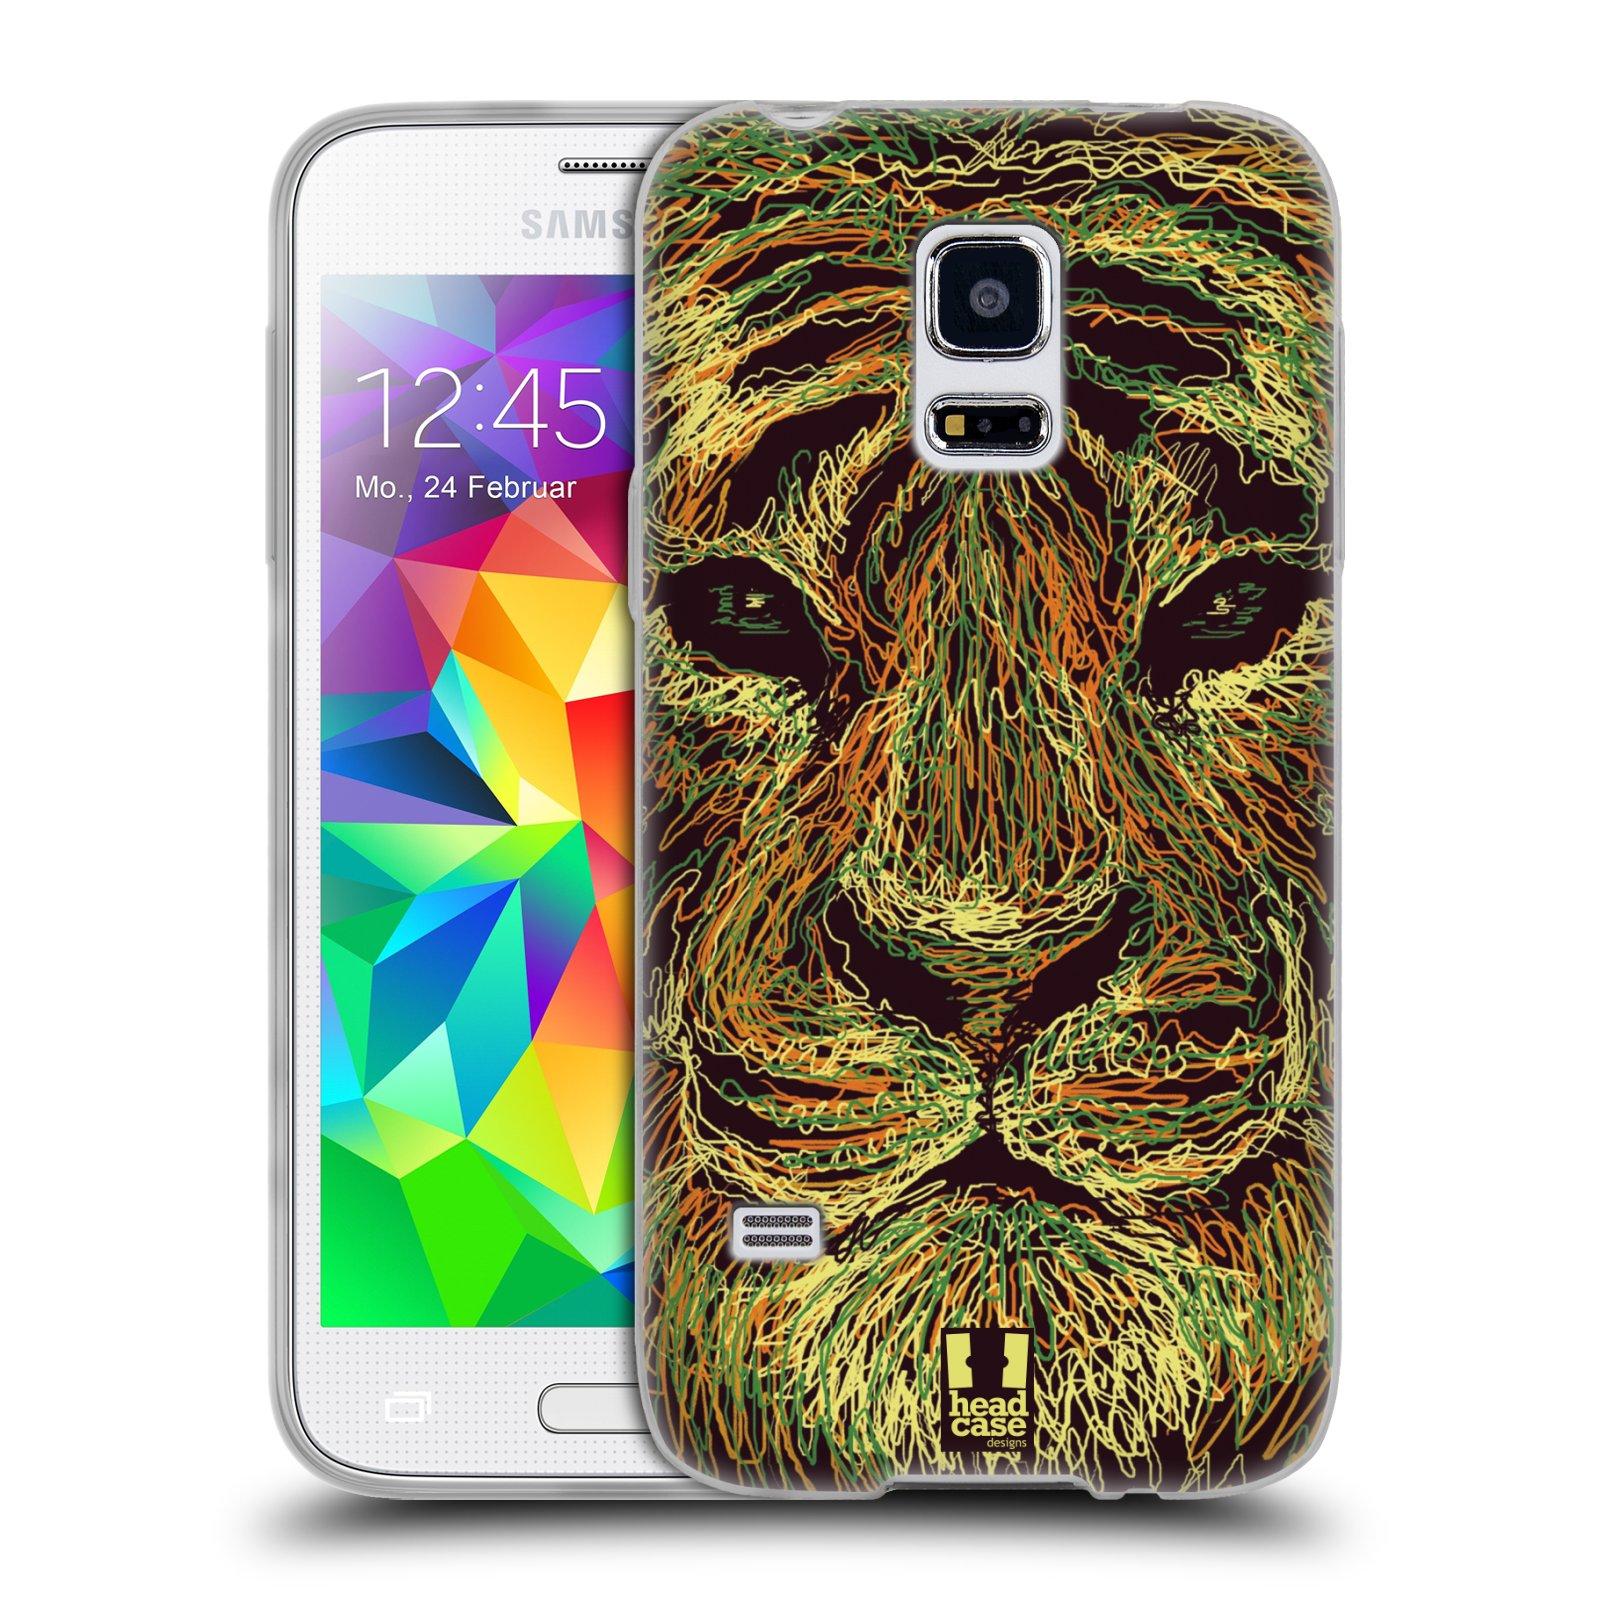 HEAD CASE silikonový obal na mobil Samsung Galaxy S5 MINI vzor zvíře čmáranice tygr